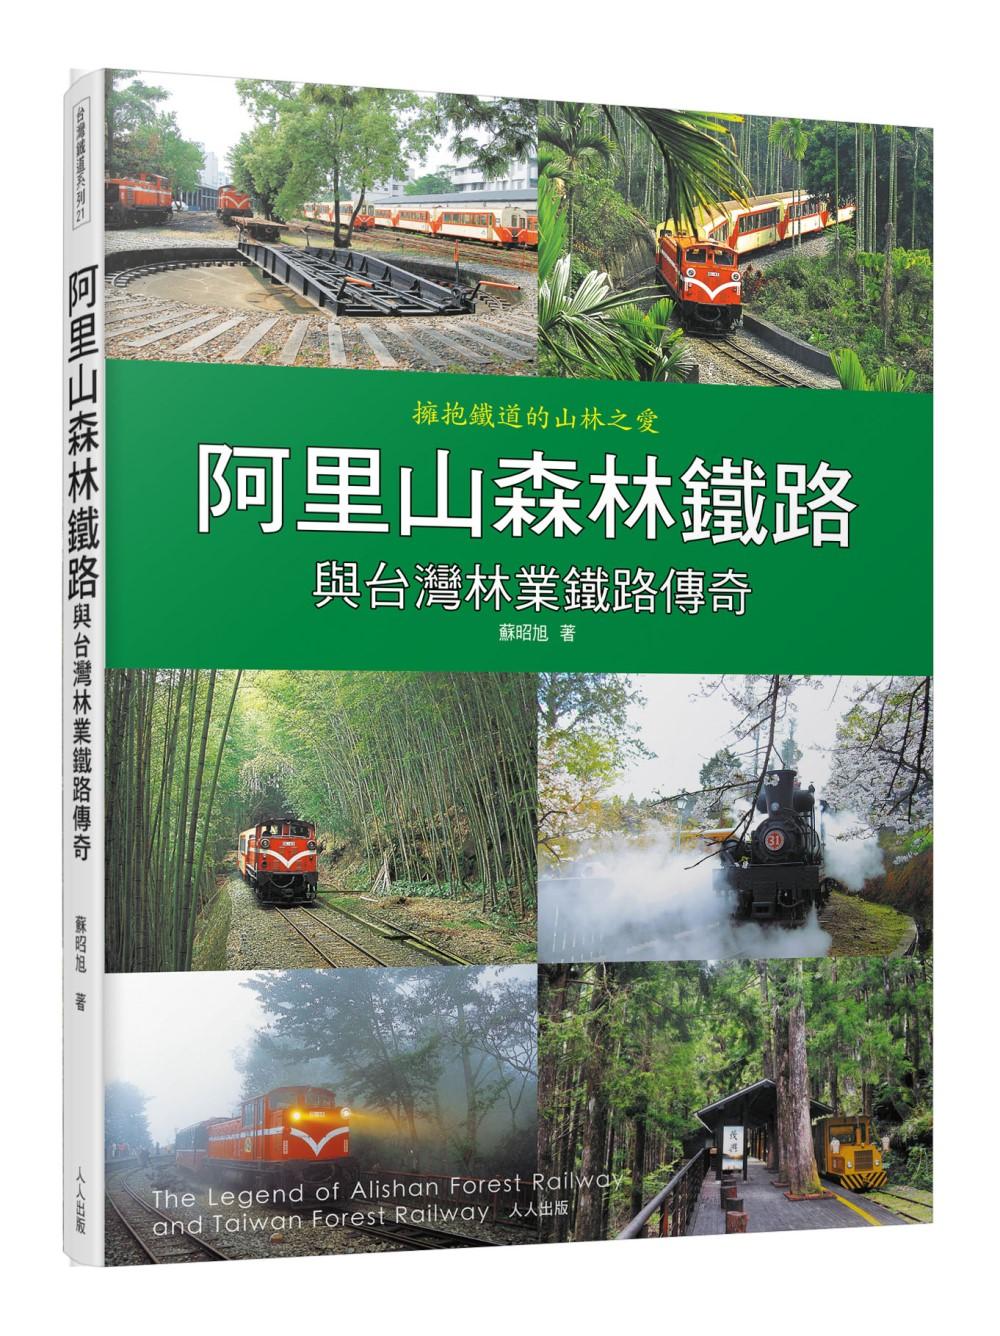 阿里山森林鐵路與台灣林業鐵路傳奇